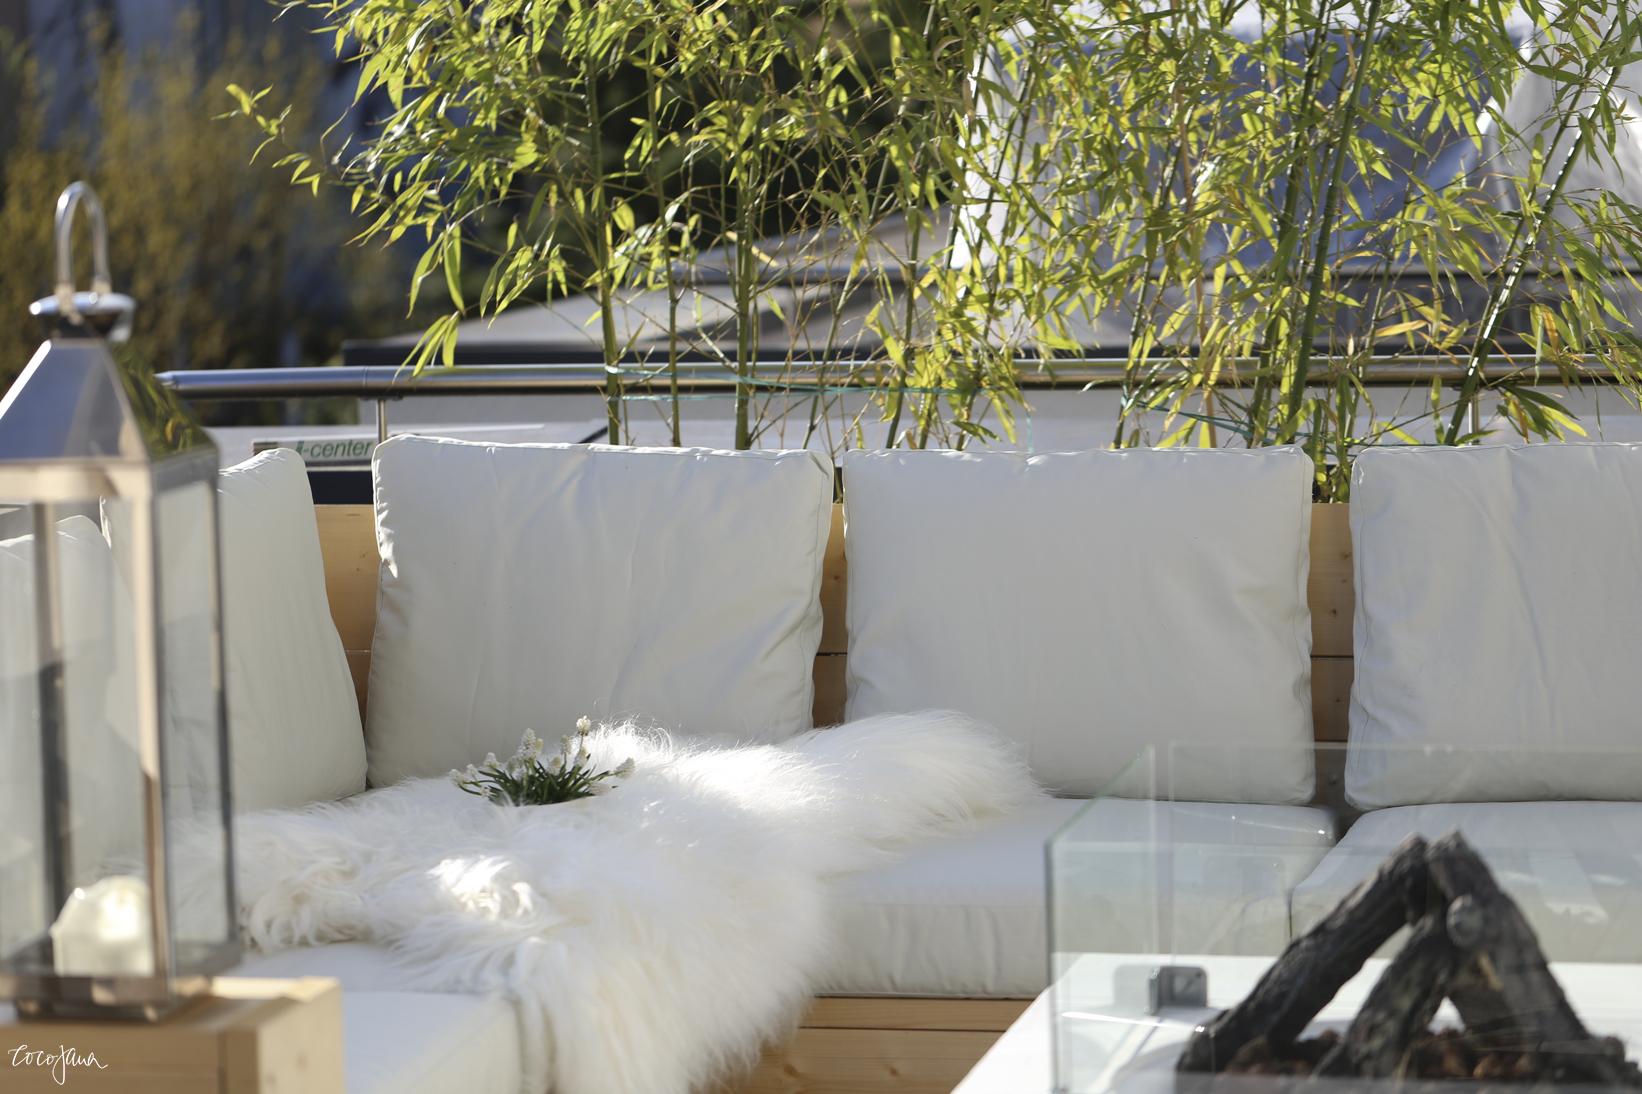 Full Size of Diy Loungembel Selber Bauen Planungswelten Massivholz Betten Garten Pool Guenstig Kaufen Paravent Schaukelstuhl Vertikaler Küche Holz Modern Holzhaus Garten Garten Loungemöbel Holz